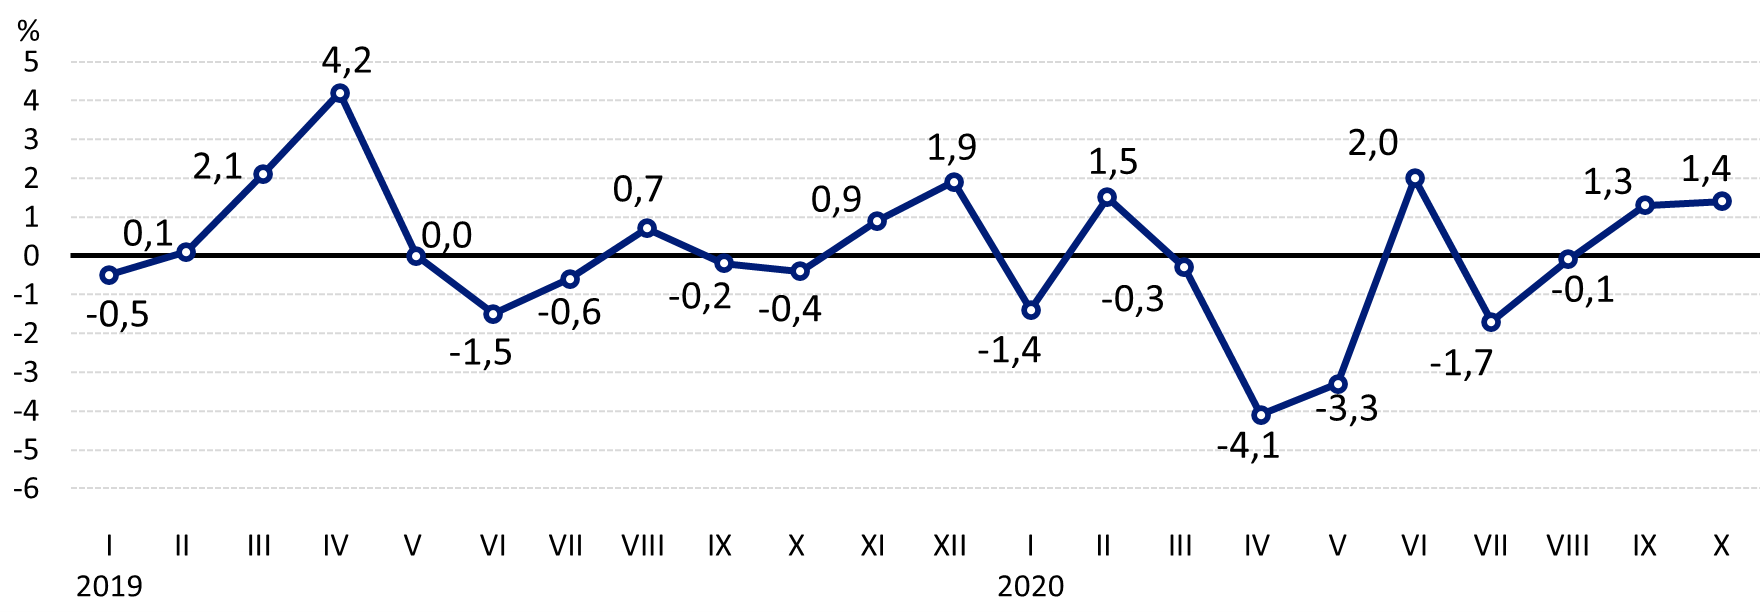 Wykres 1. Zmiany cen skupu podstawowych produktów rolnych